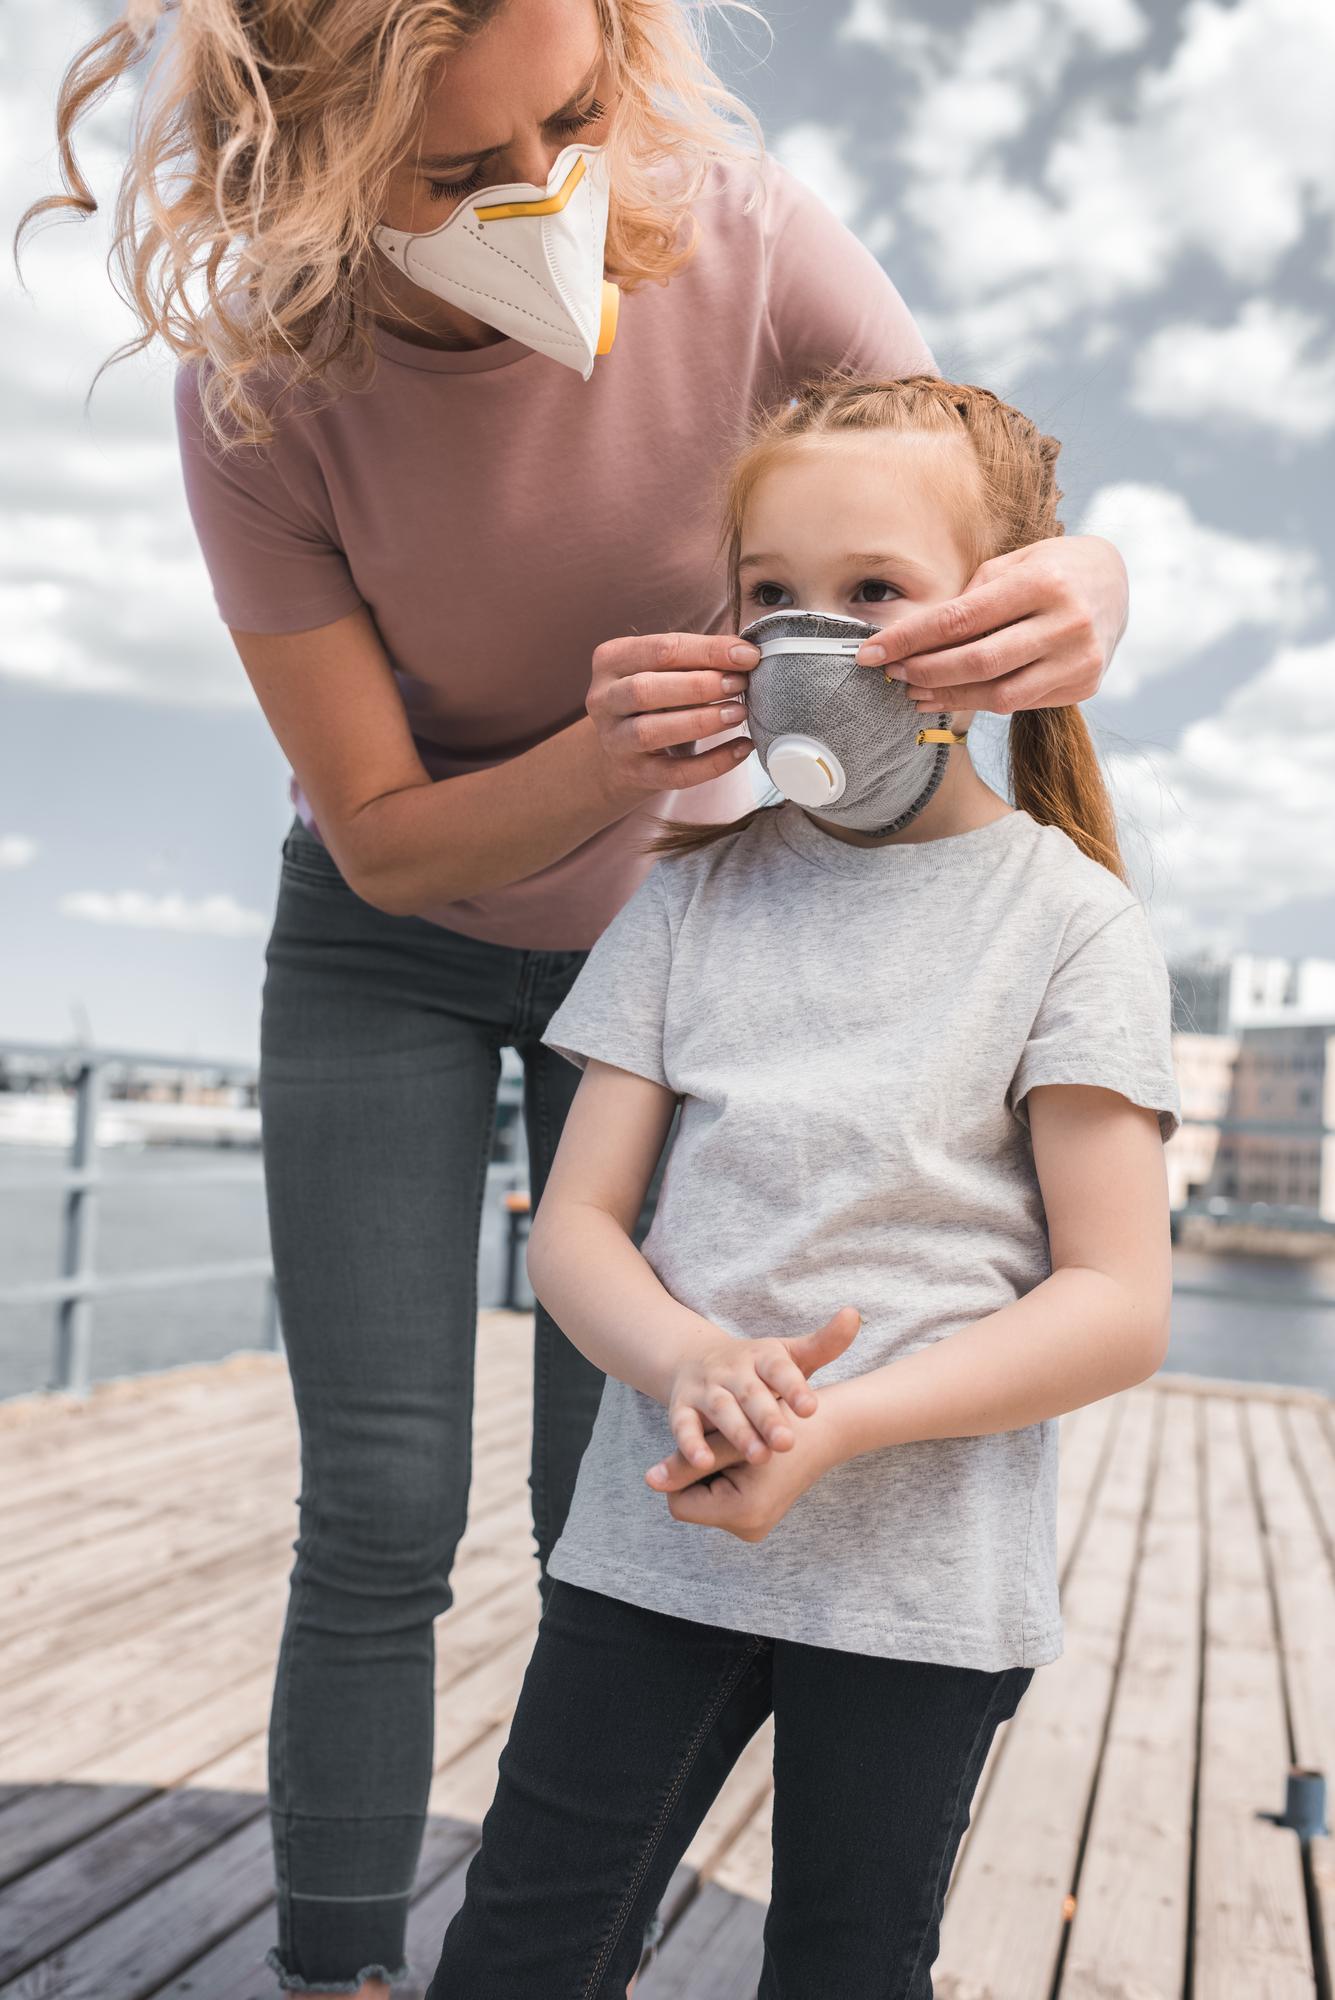 Πώς να μιλήσετε στα παιδιά για τον κορονοϊό. Οδηγίες για γονείς